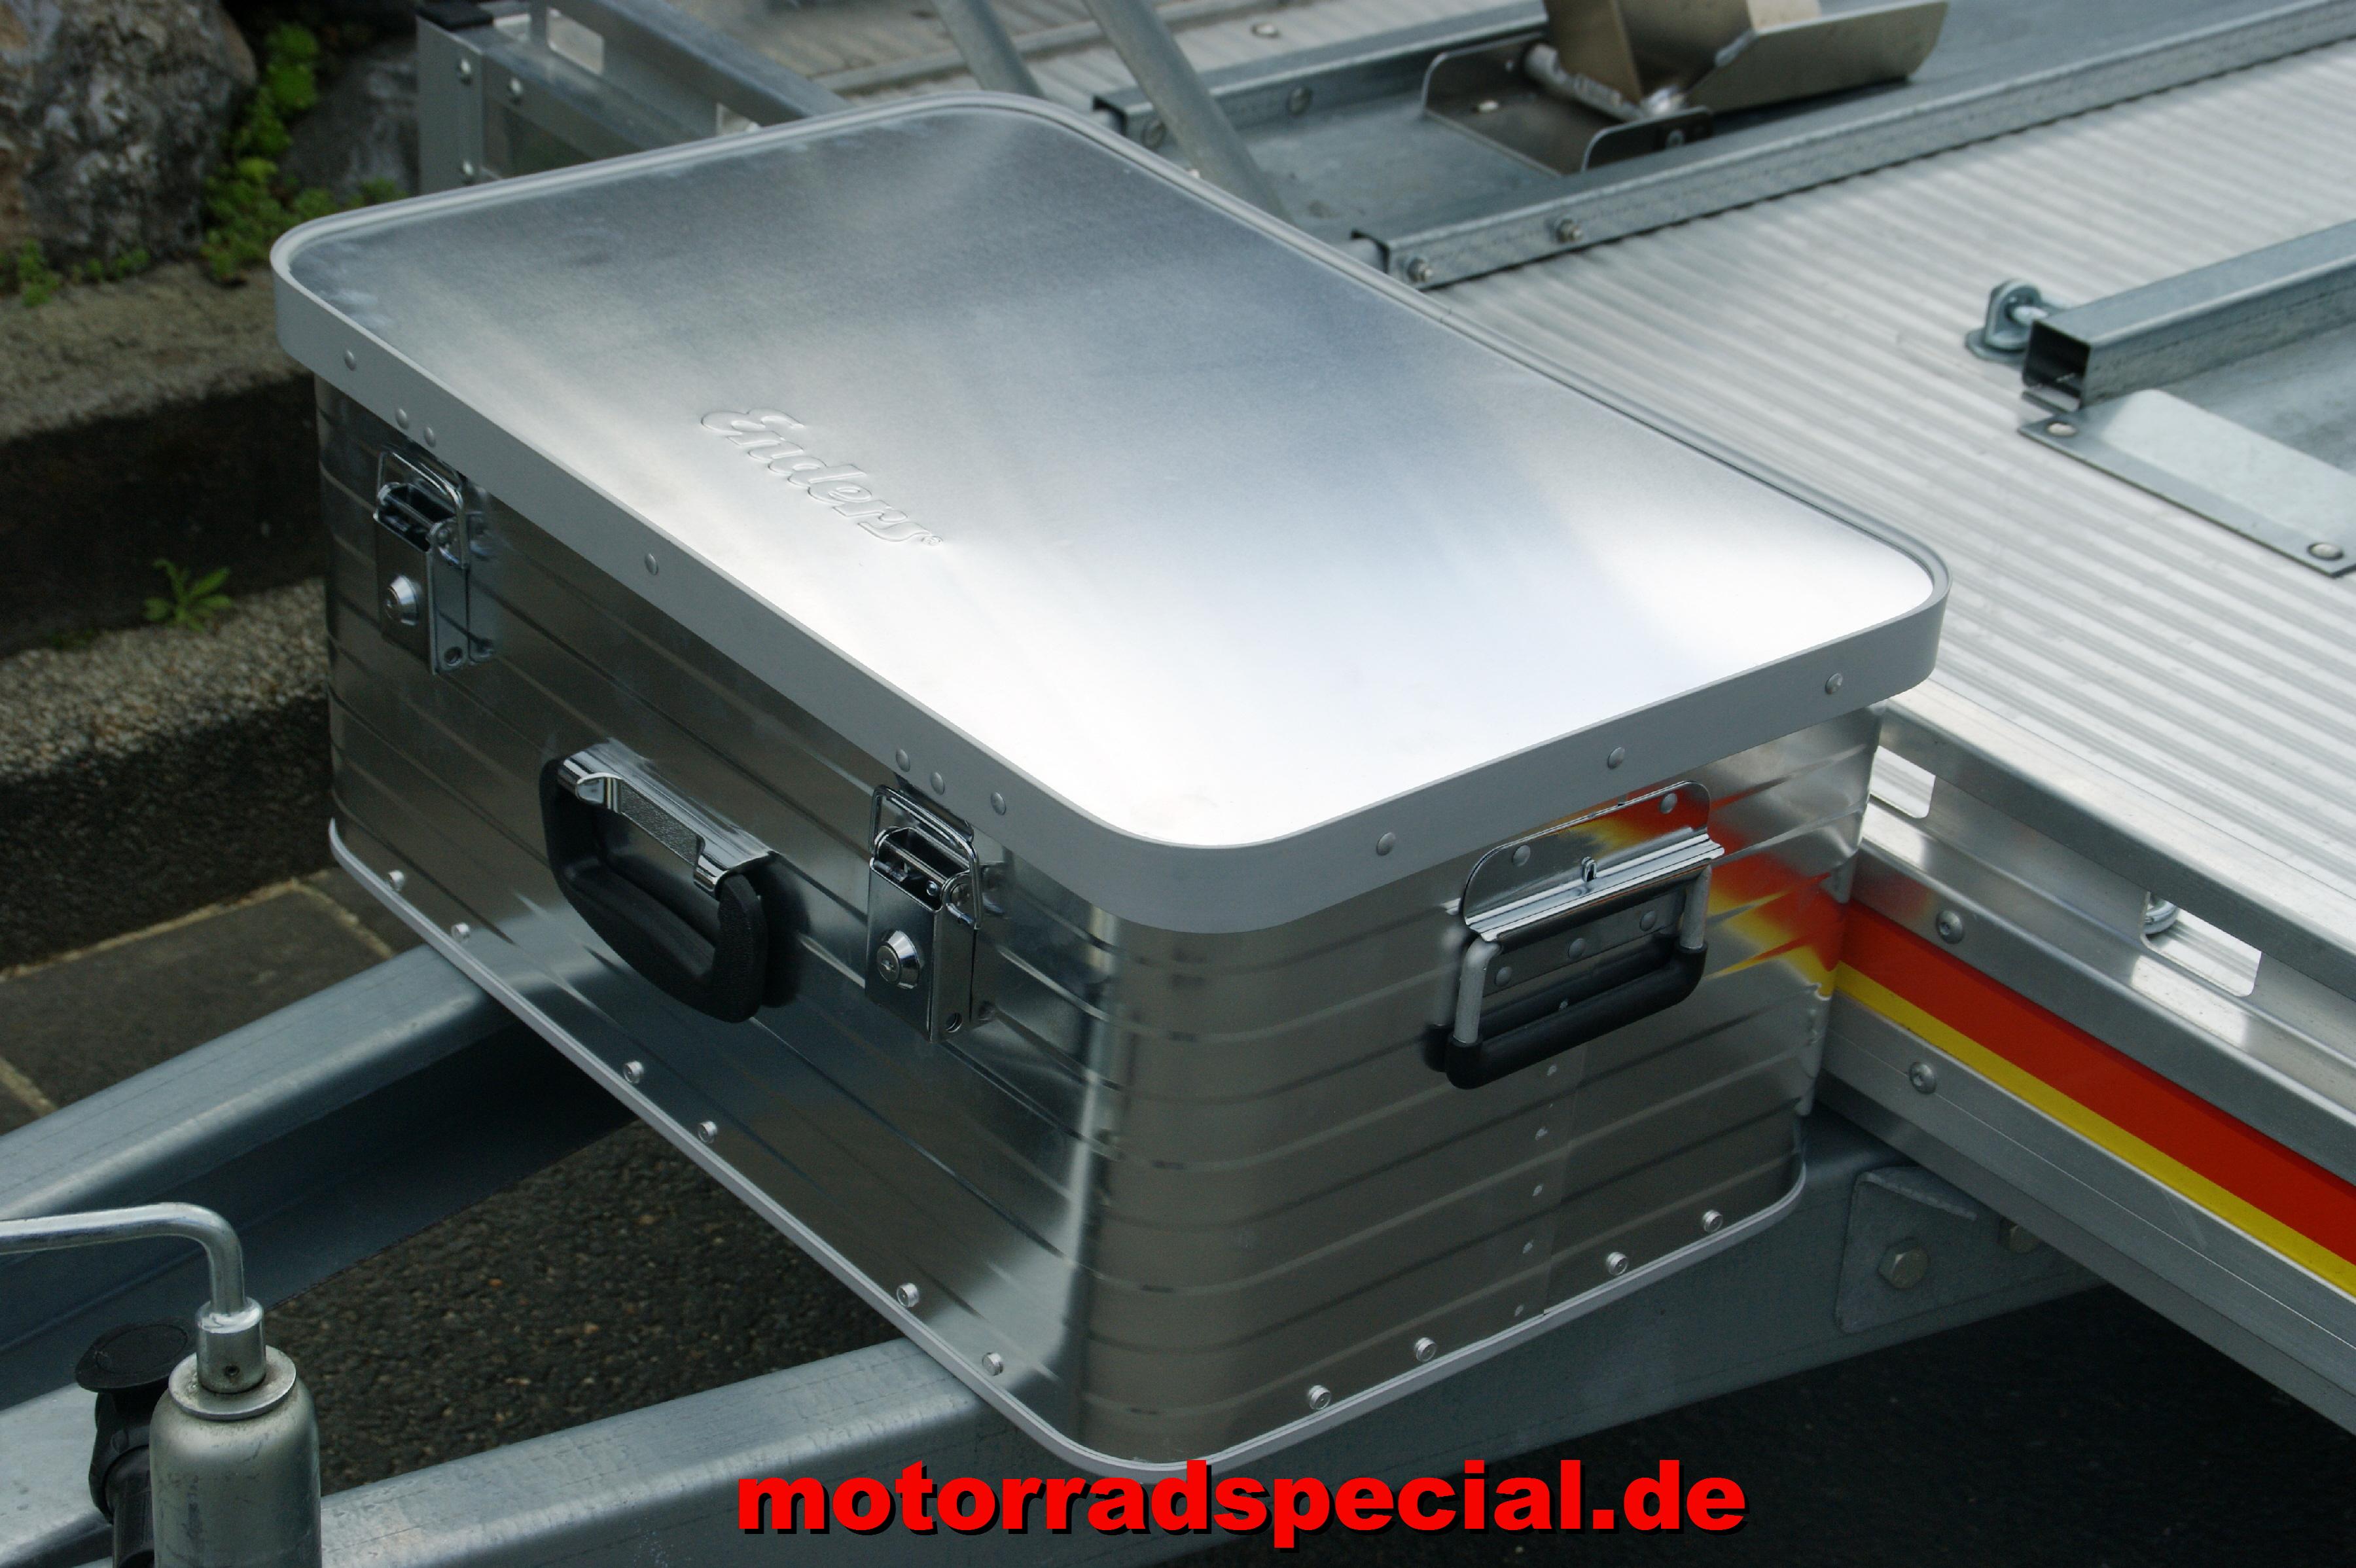 Motorrad Special_Leihänger_mittel_6